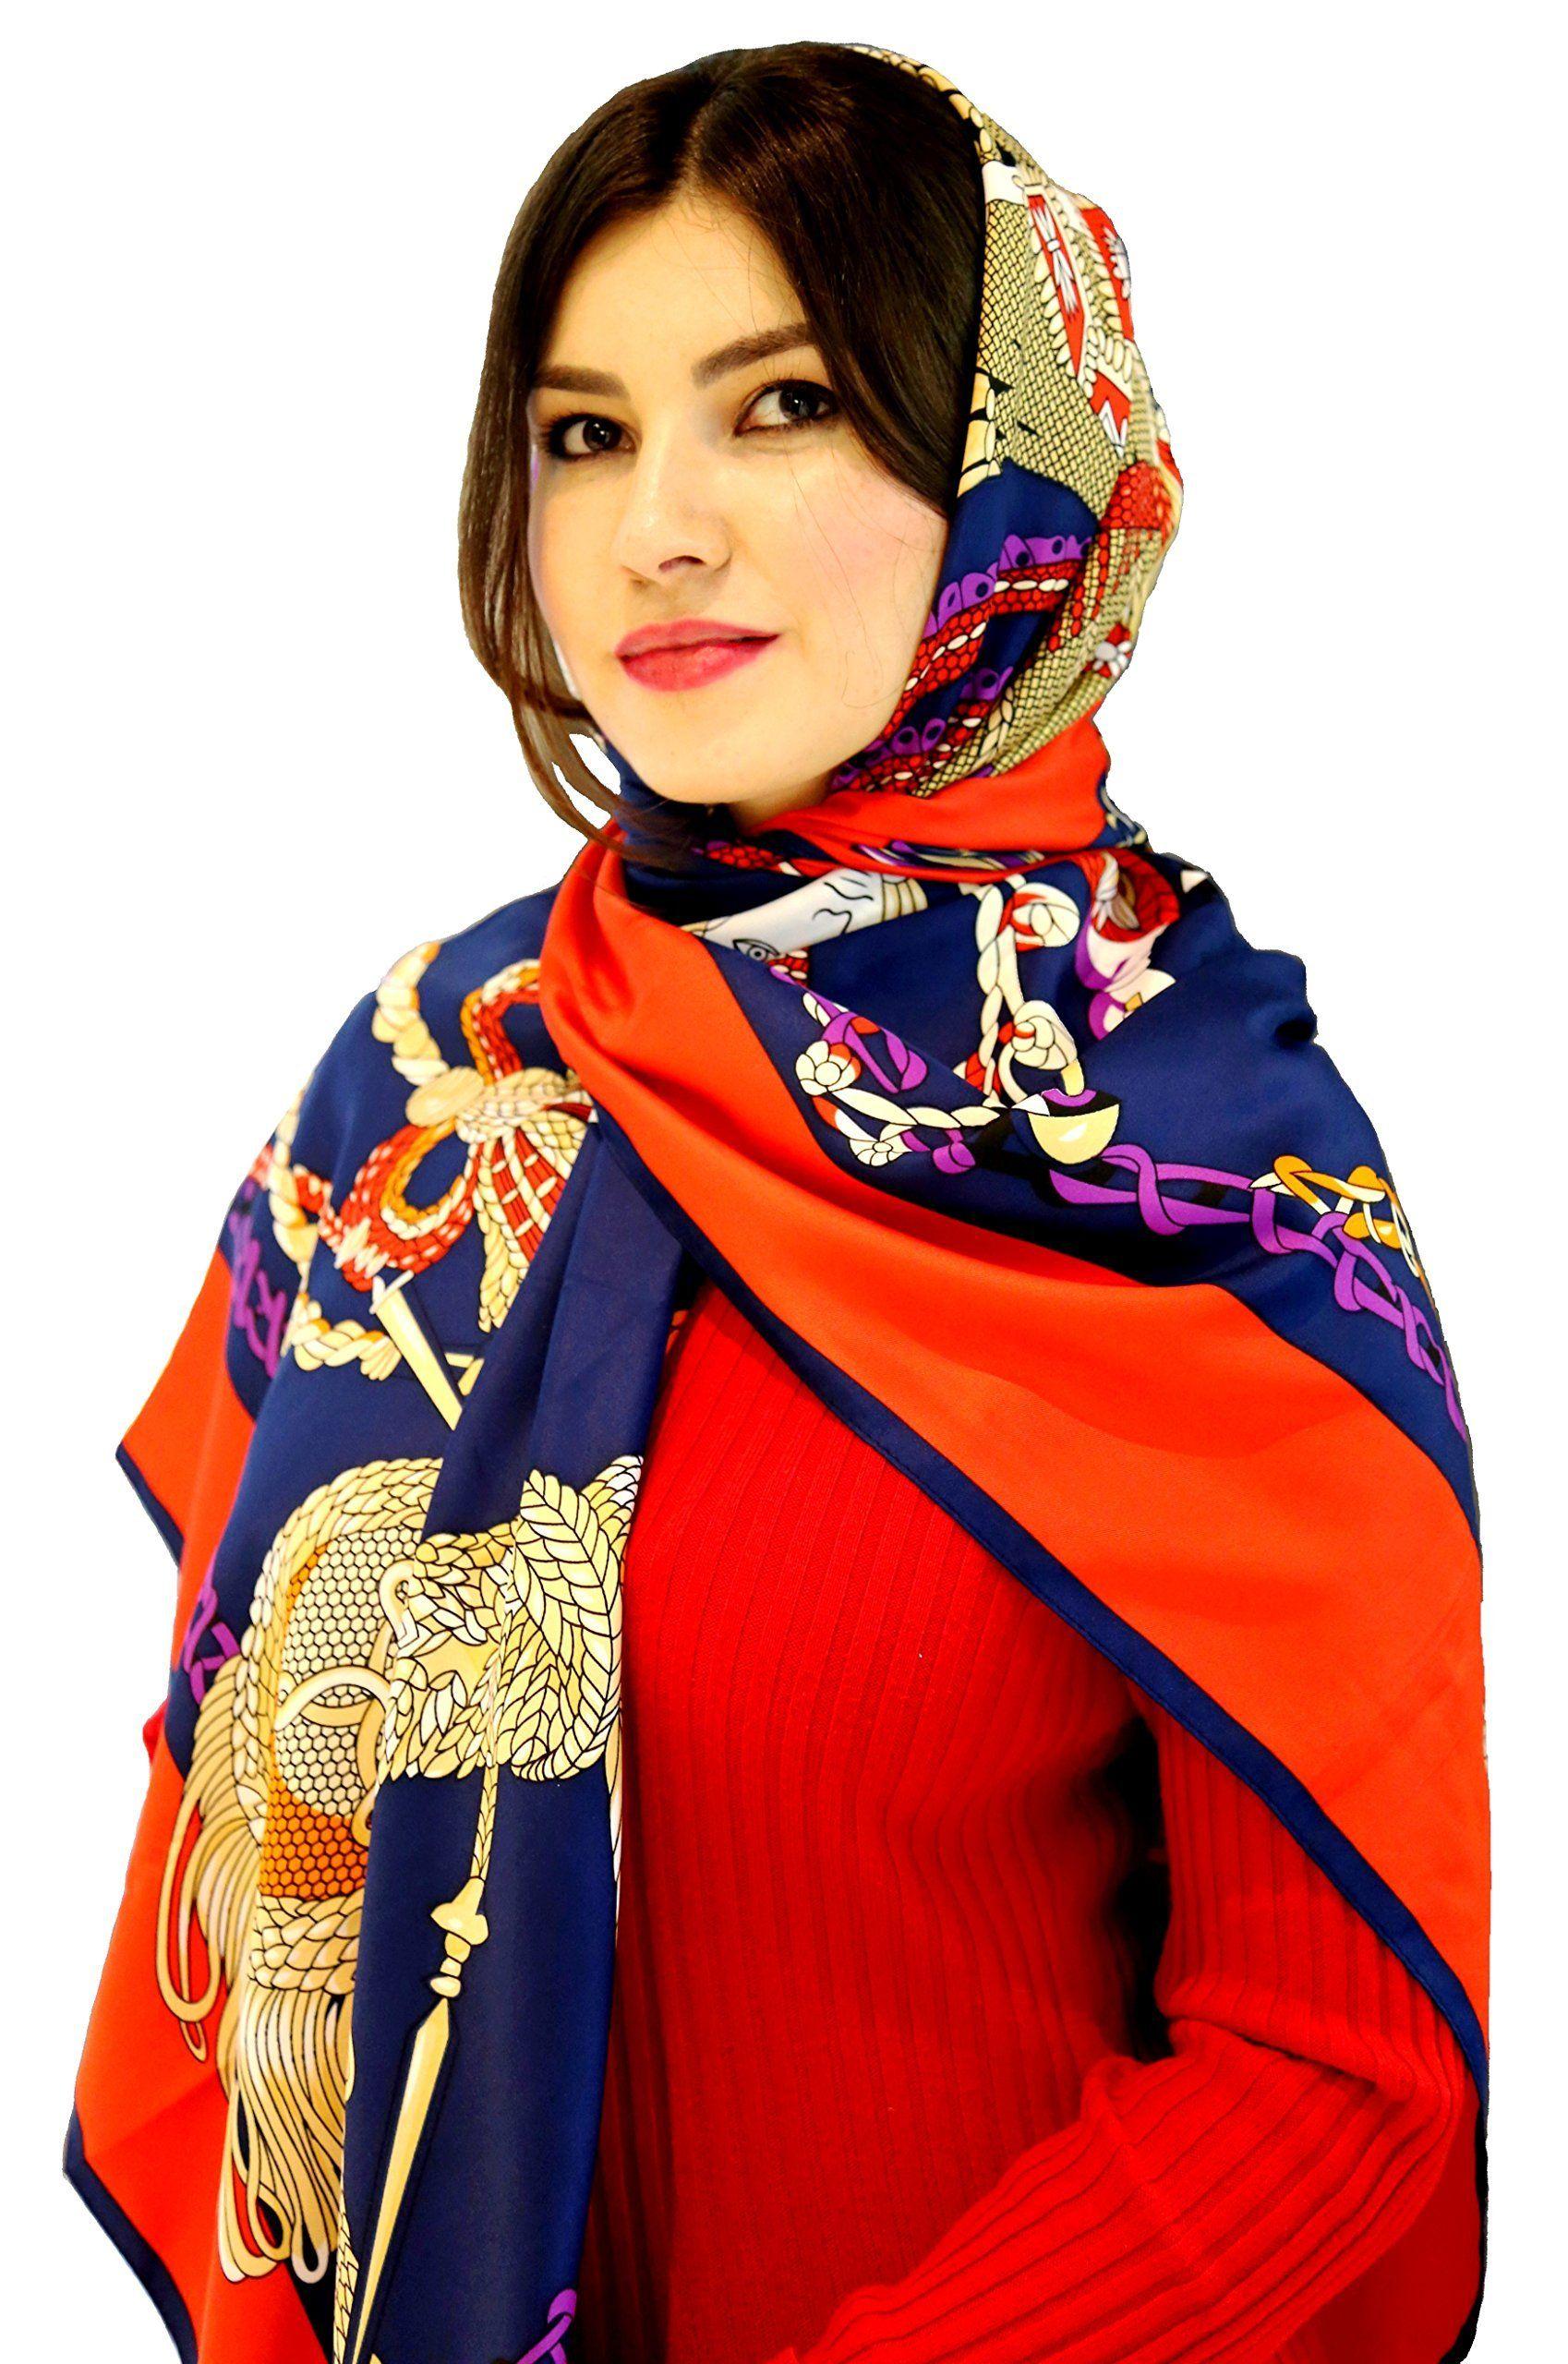 Women's Designer Silk Scarf (Long) Luxury Shawl, Head Wrap, or Fashion Accessory